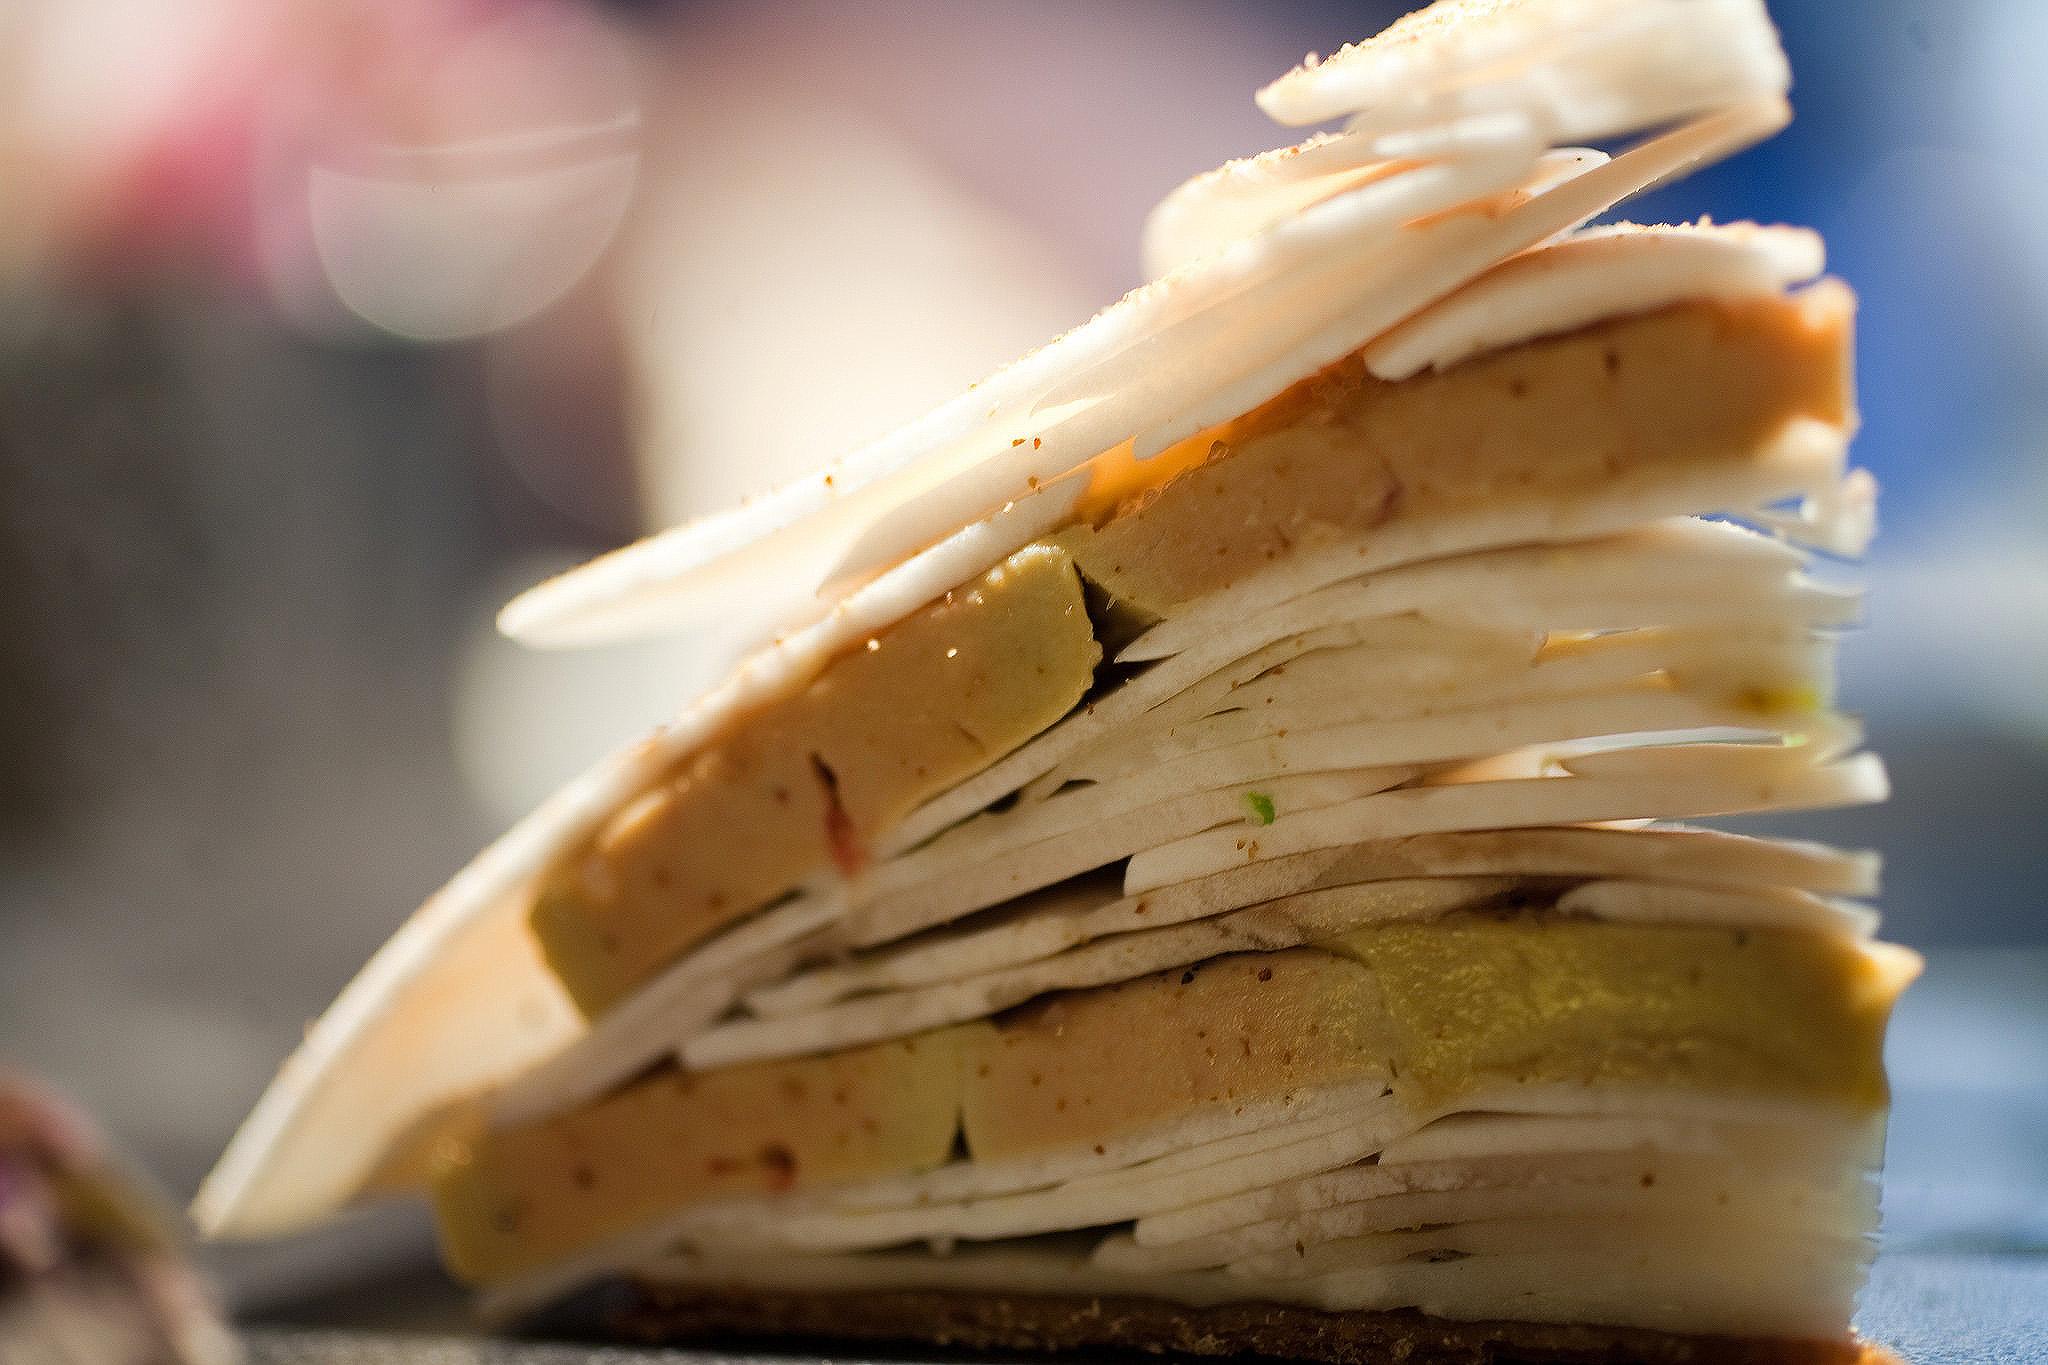 L'Astrance - Galette de champignons de Paris et foie gras mariné au verjus, huile de noisette, citron confit